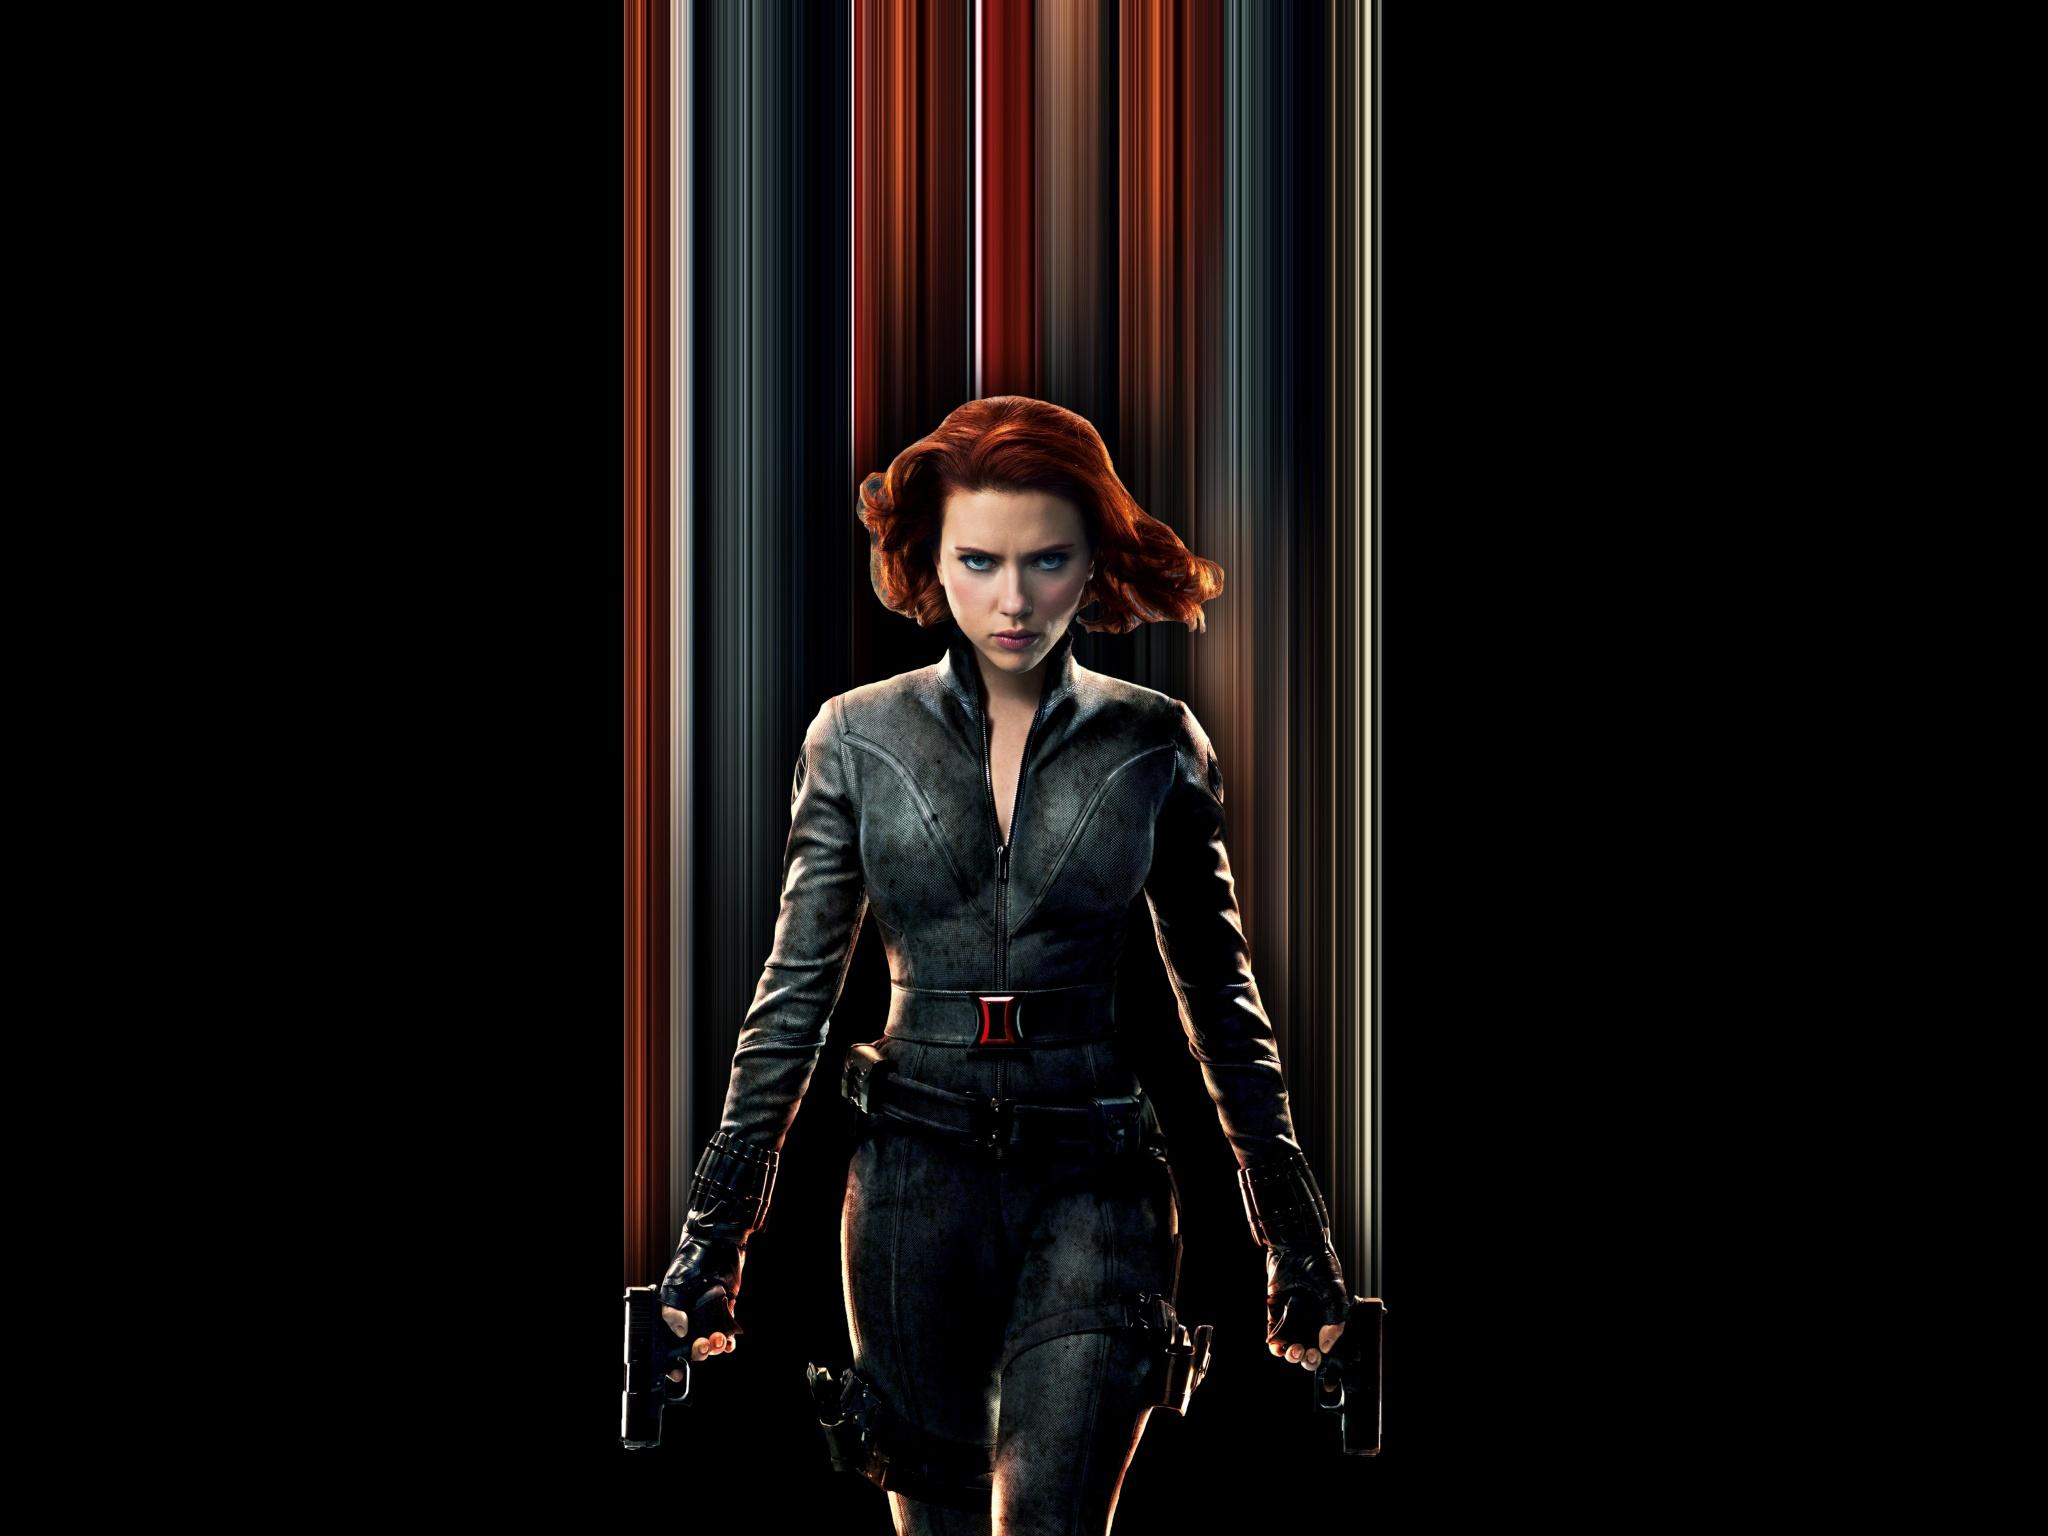 Black Widow 4k Wallpaper Scarlett Johansson Black Background 2020 Movies 5k Black Dark 2705